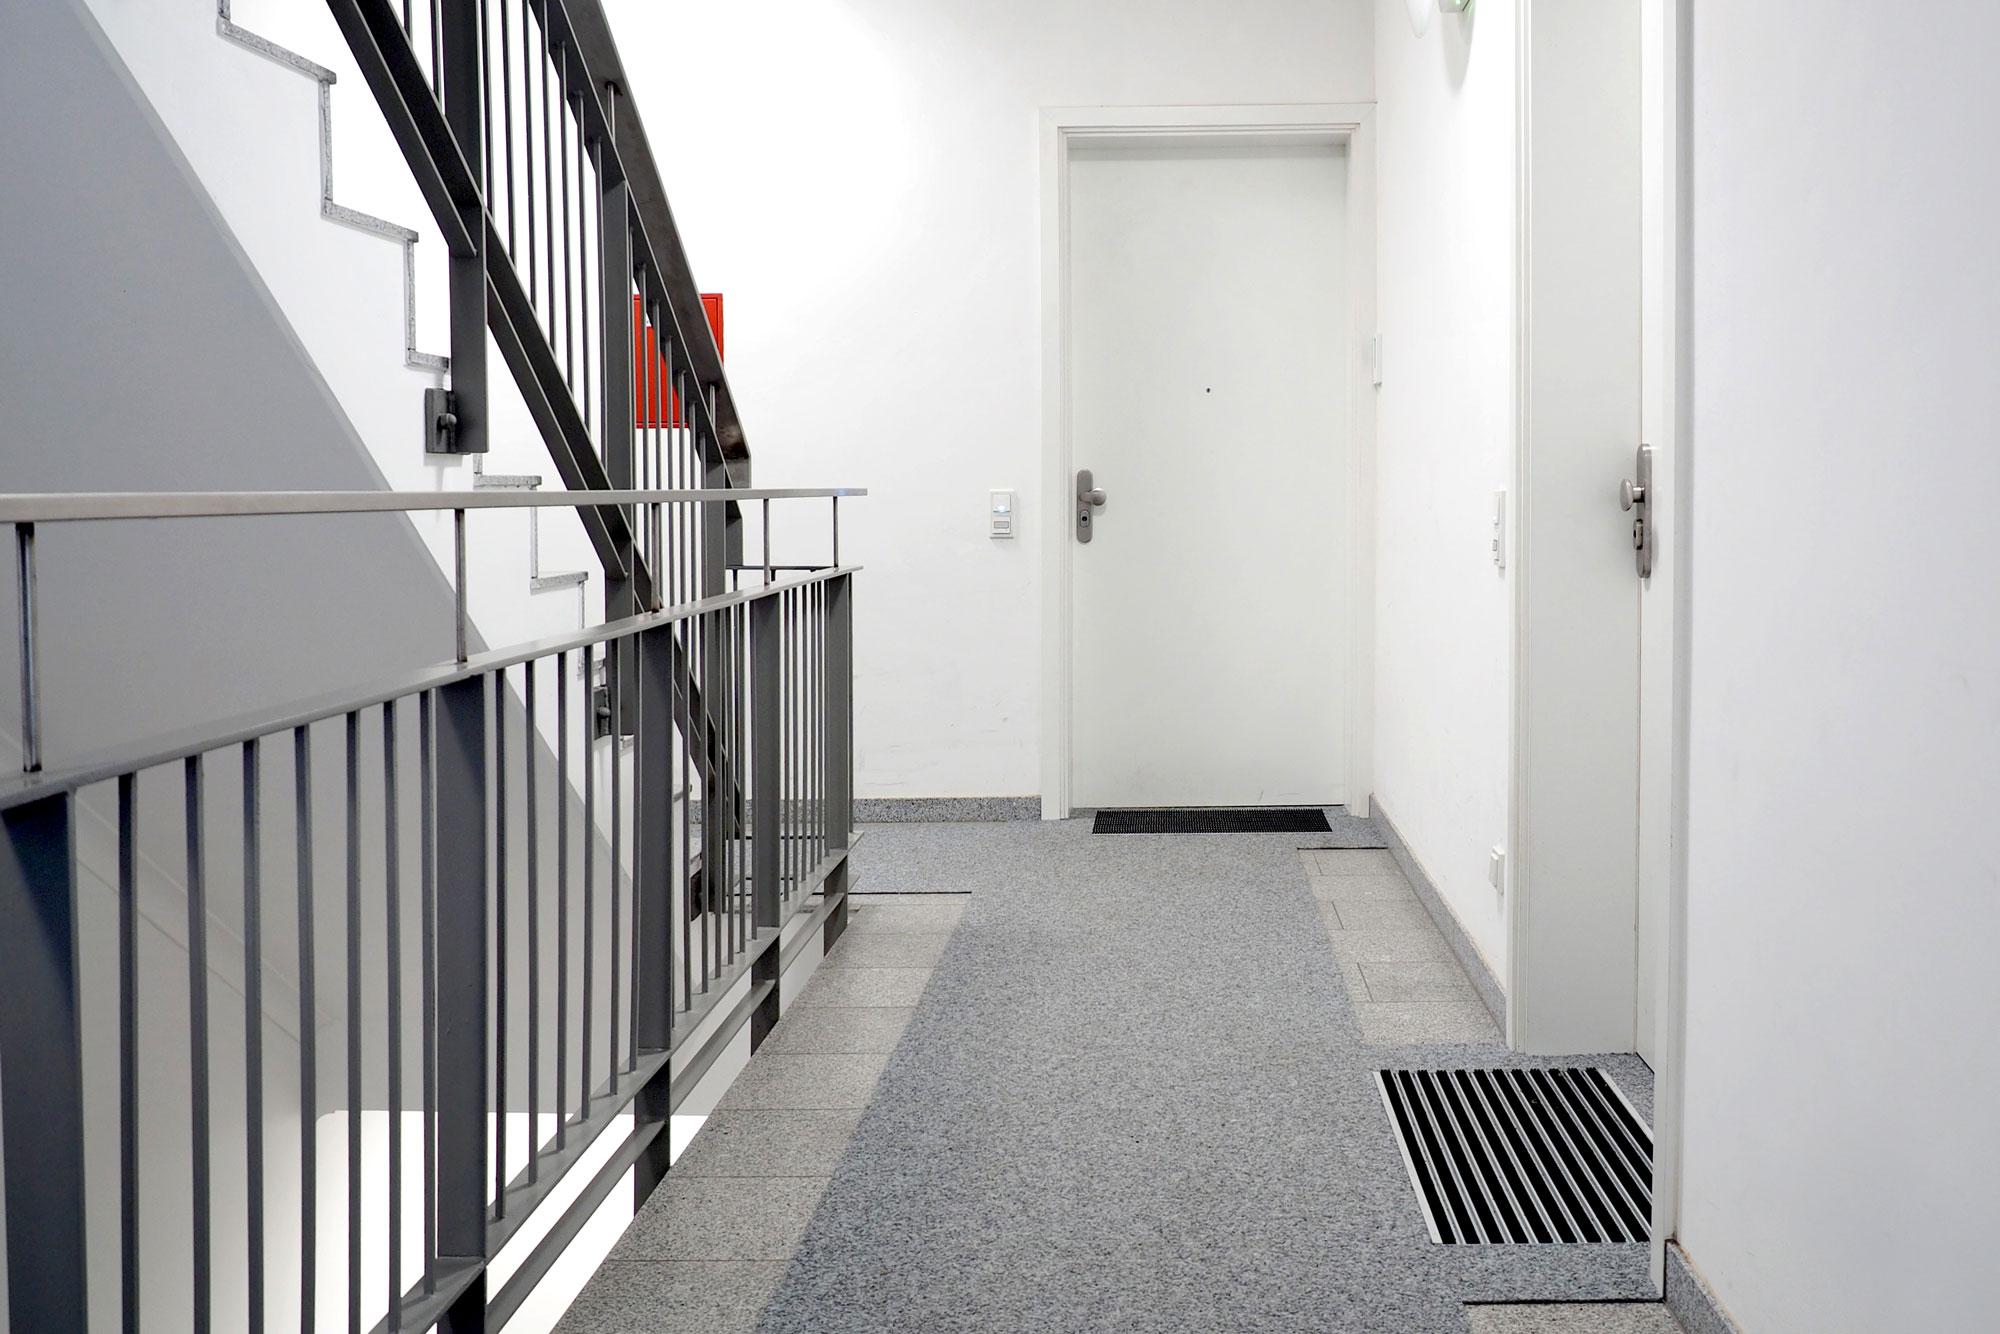 Hausflur- und Treppenläufer im Objekt